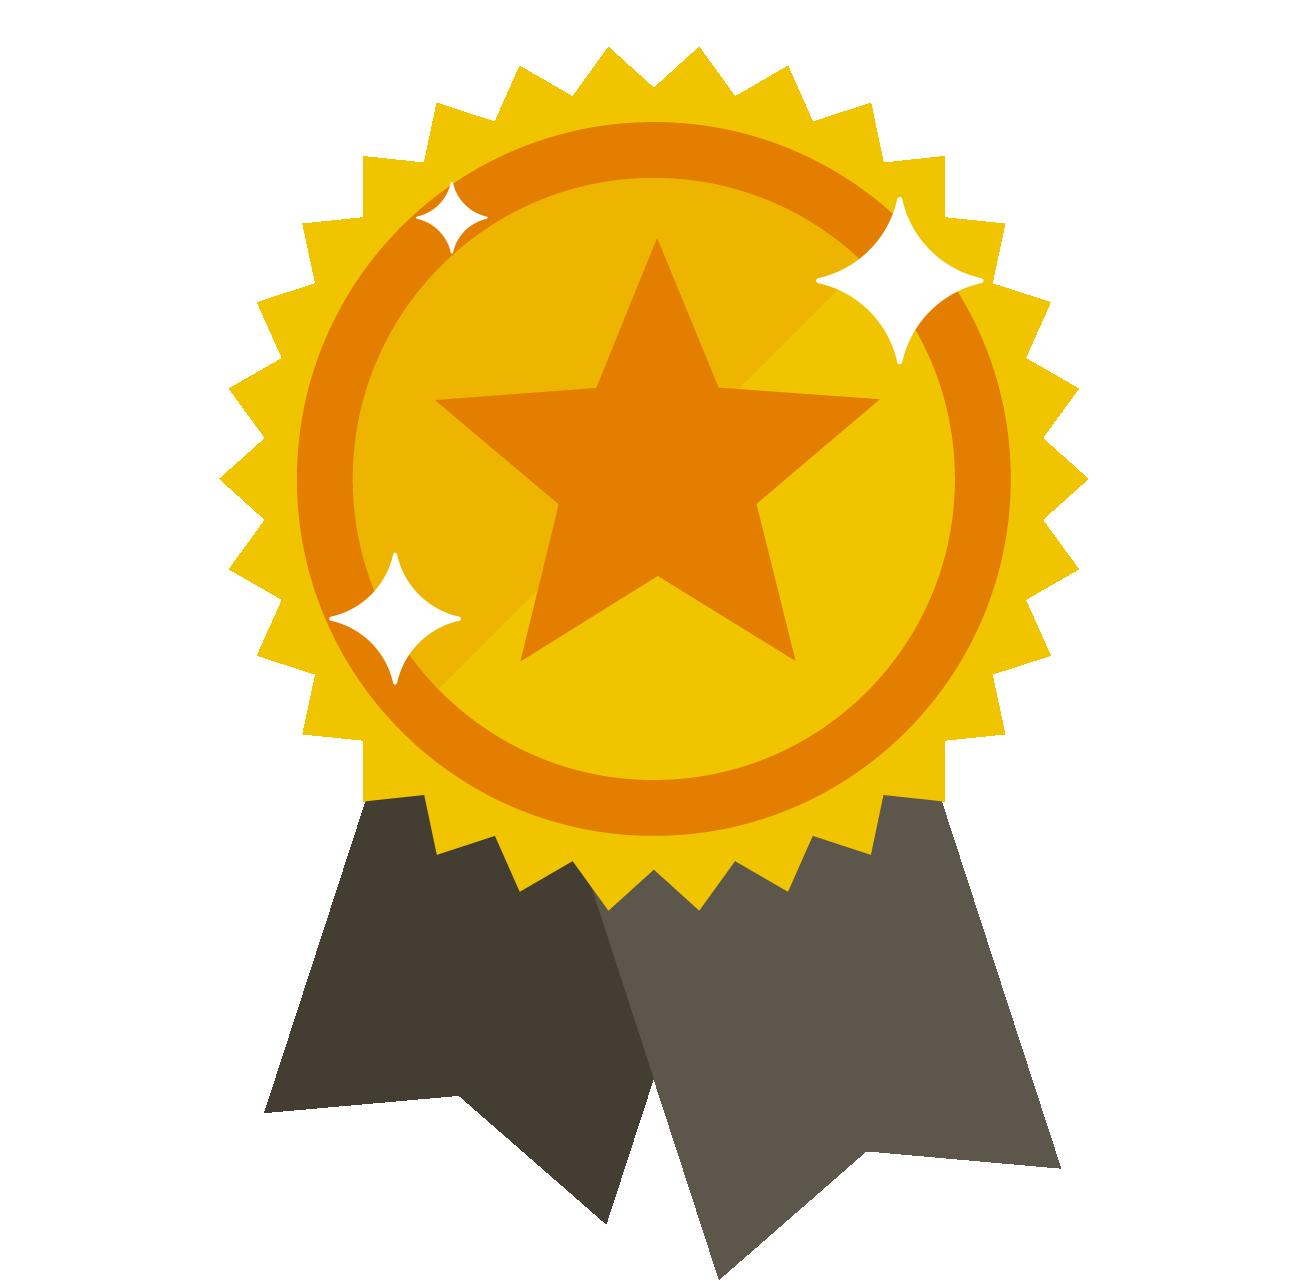 [Image: award-ribbon-06.png.ca762b9a6b1ec465e59a...25e128.png]